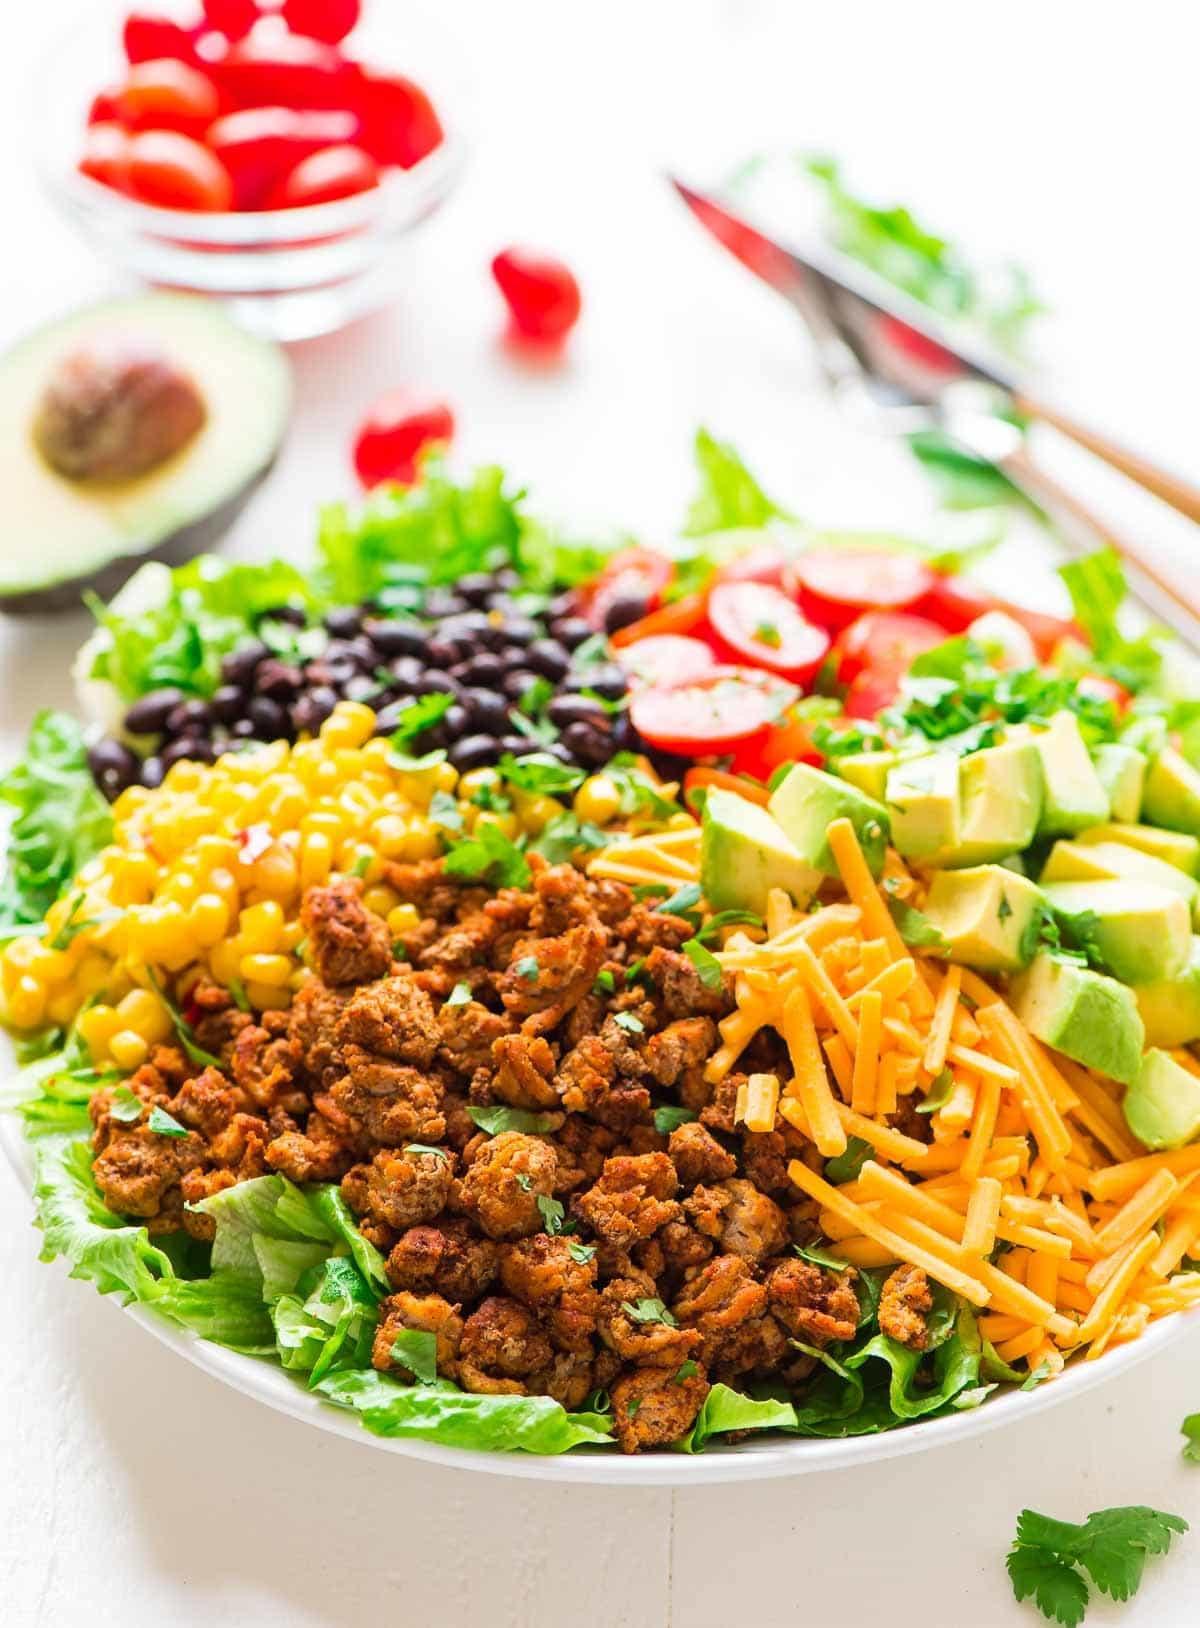 Healthy Taco Salad With Ground Turkey  Skinny Taco Salad with Ground Turkey and Avocado